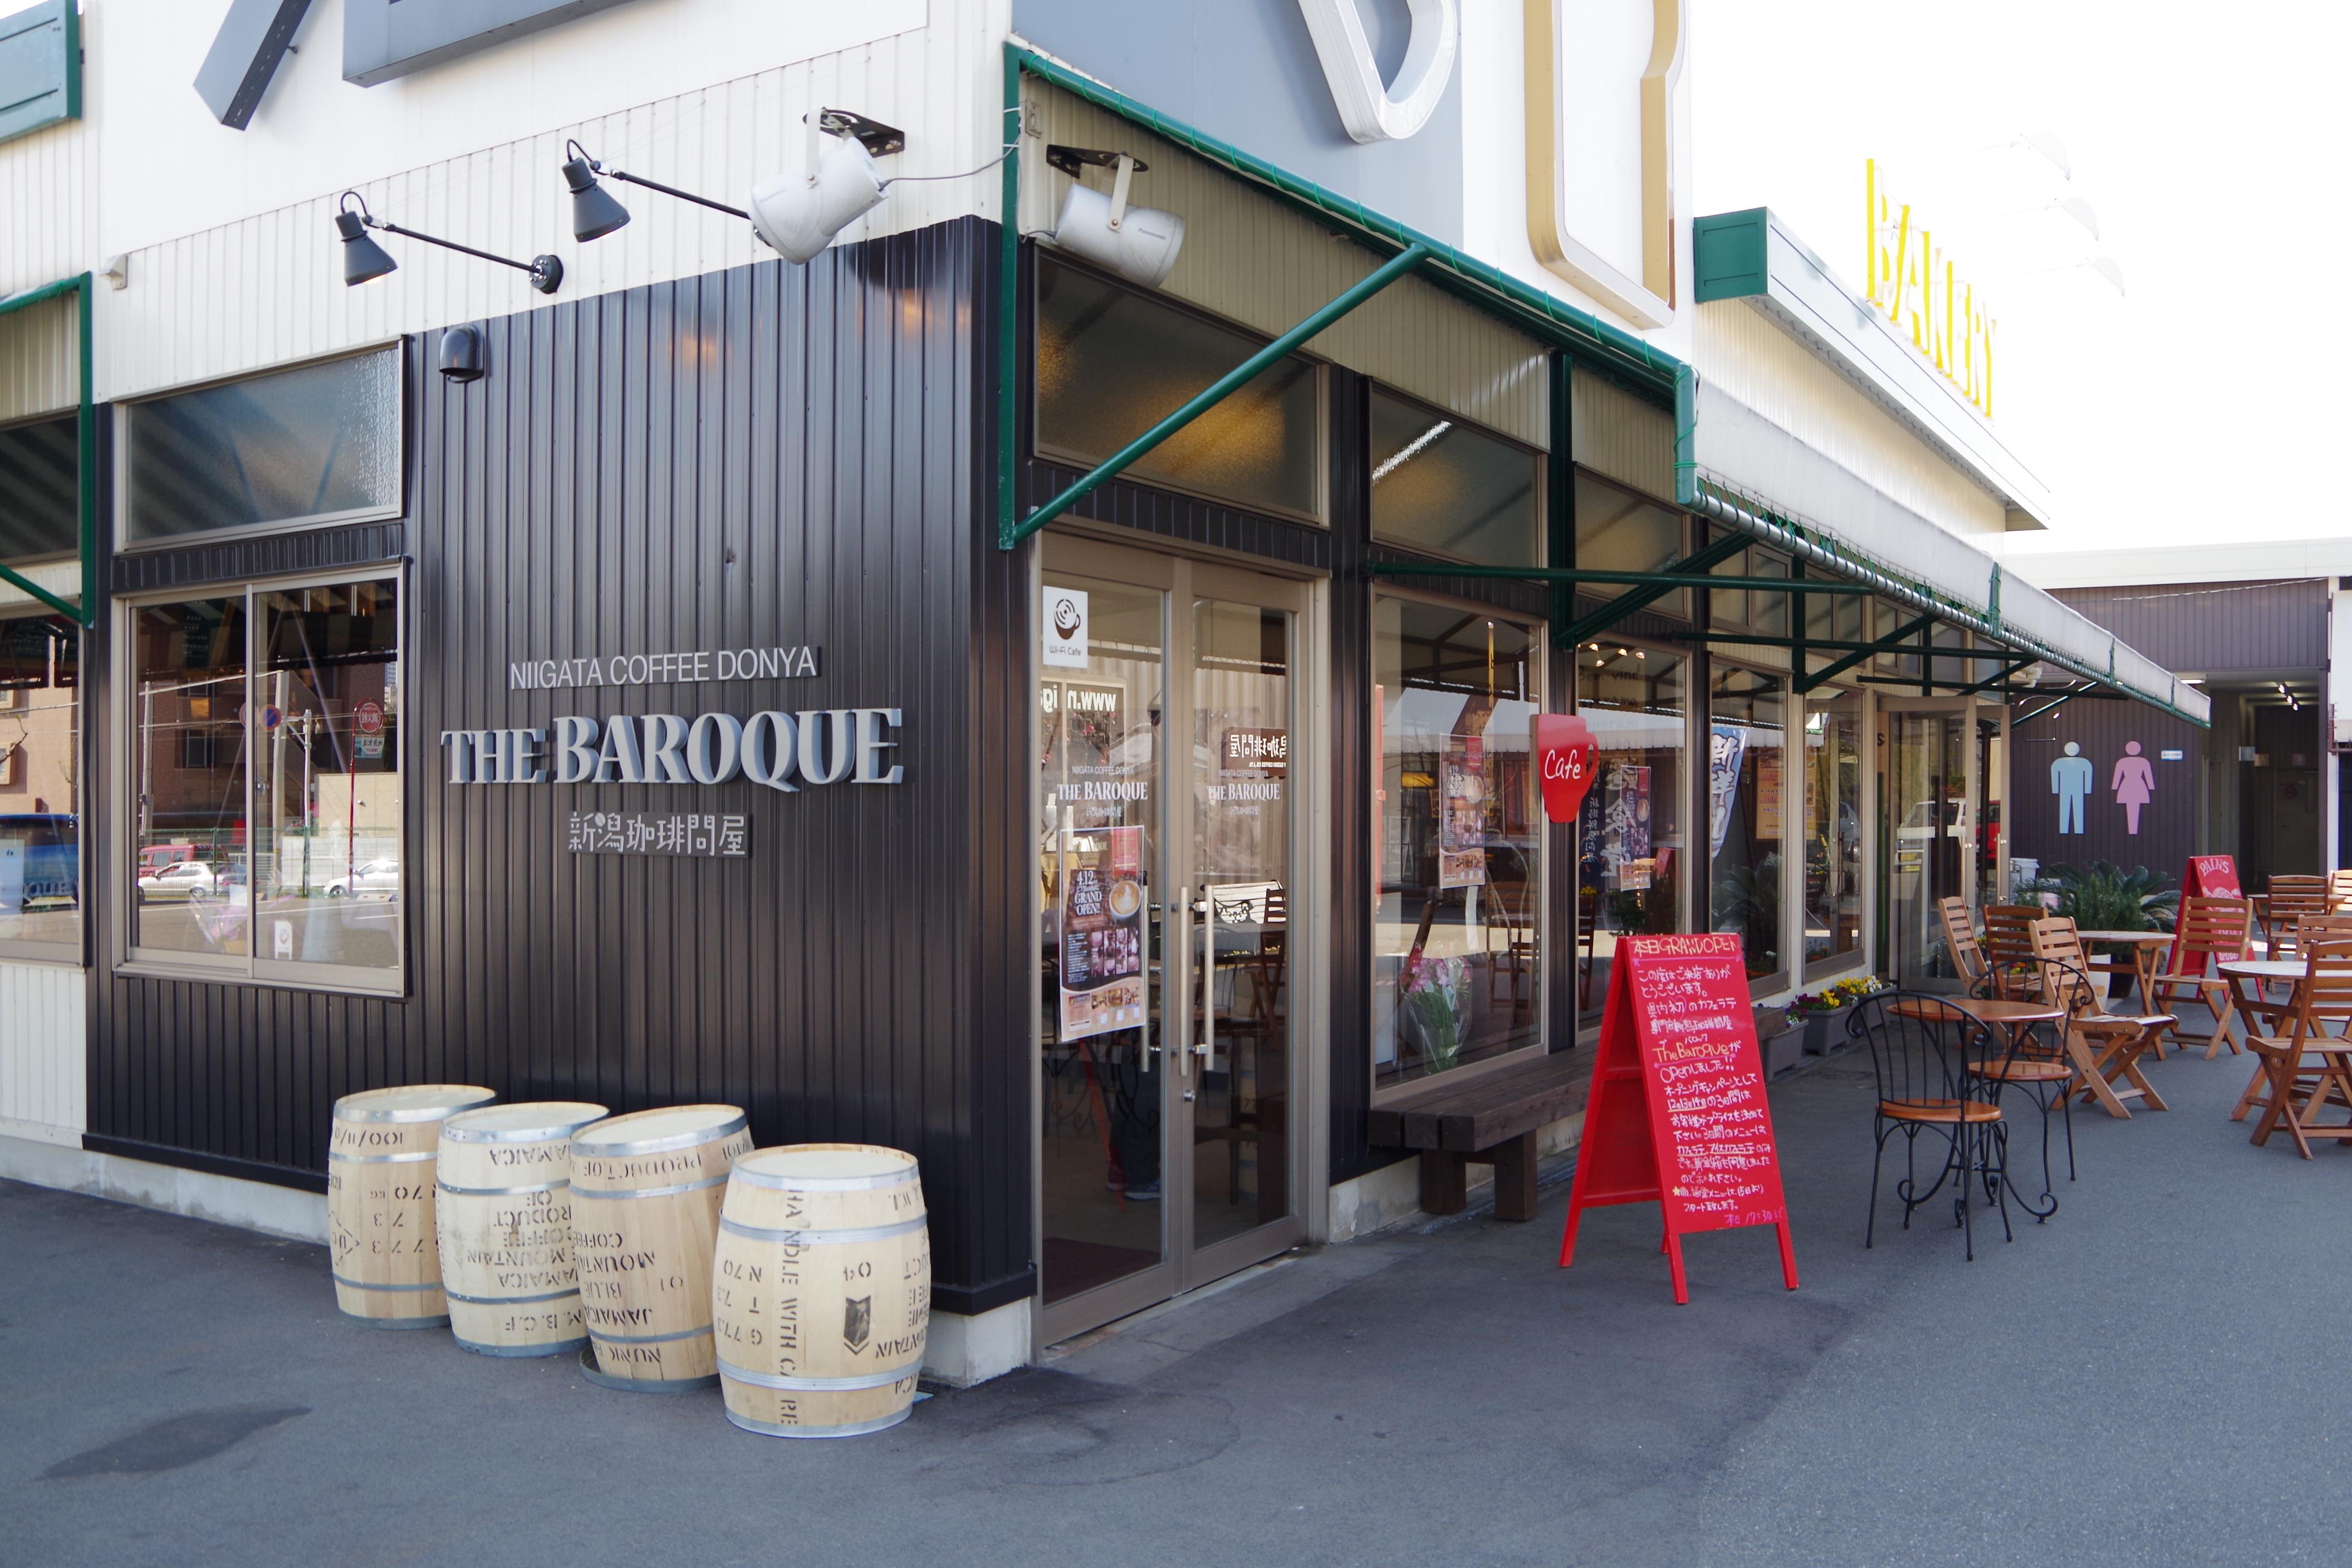 新潟初のカフェラテ専門店「THE BAROQUE」のオープニングキャンペーンに行ってきた